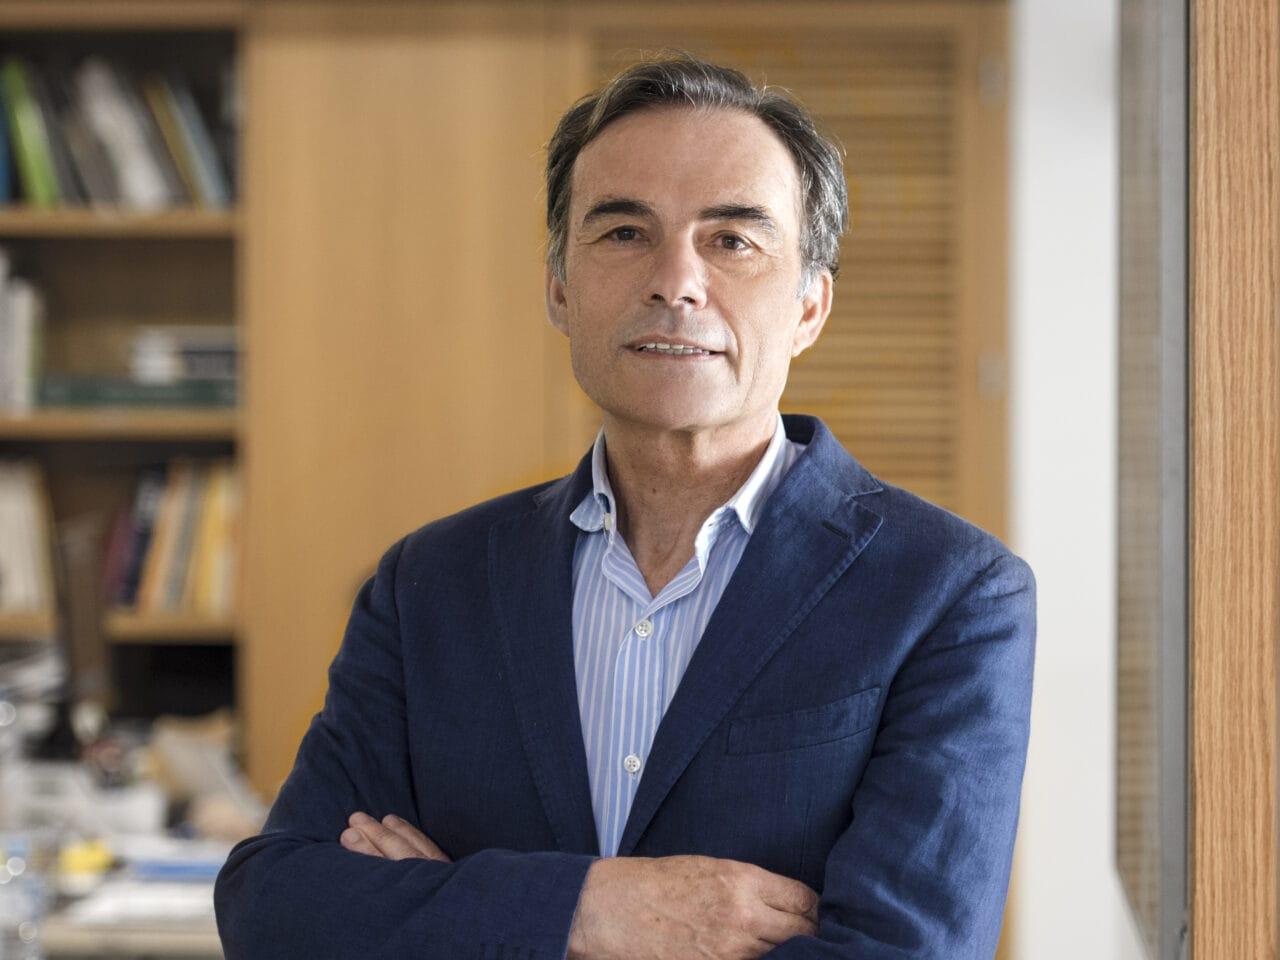 Fotografia de Fernando Pumar, CEO y Fundador de DPYA Arquitectura